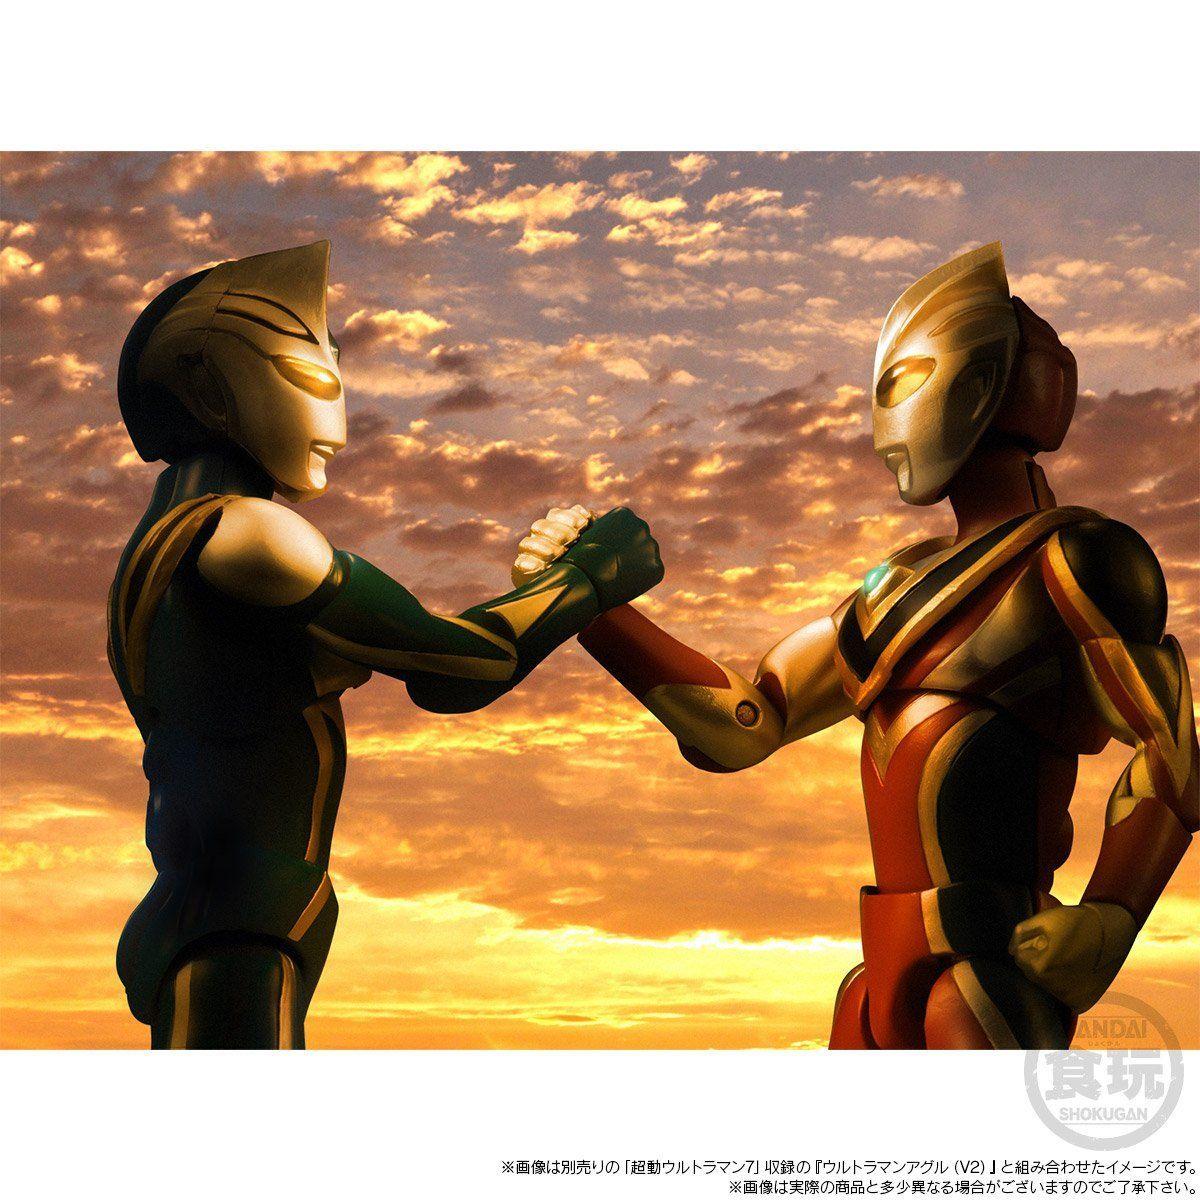 超動ウルトラマン ウルトラマンガイア -天使降臨-【プレミアムバンダイ限定】_8